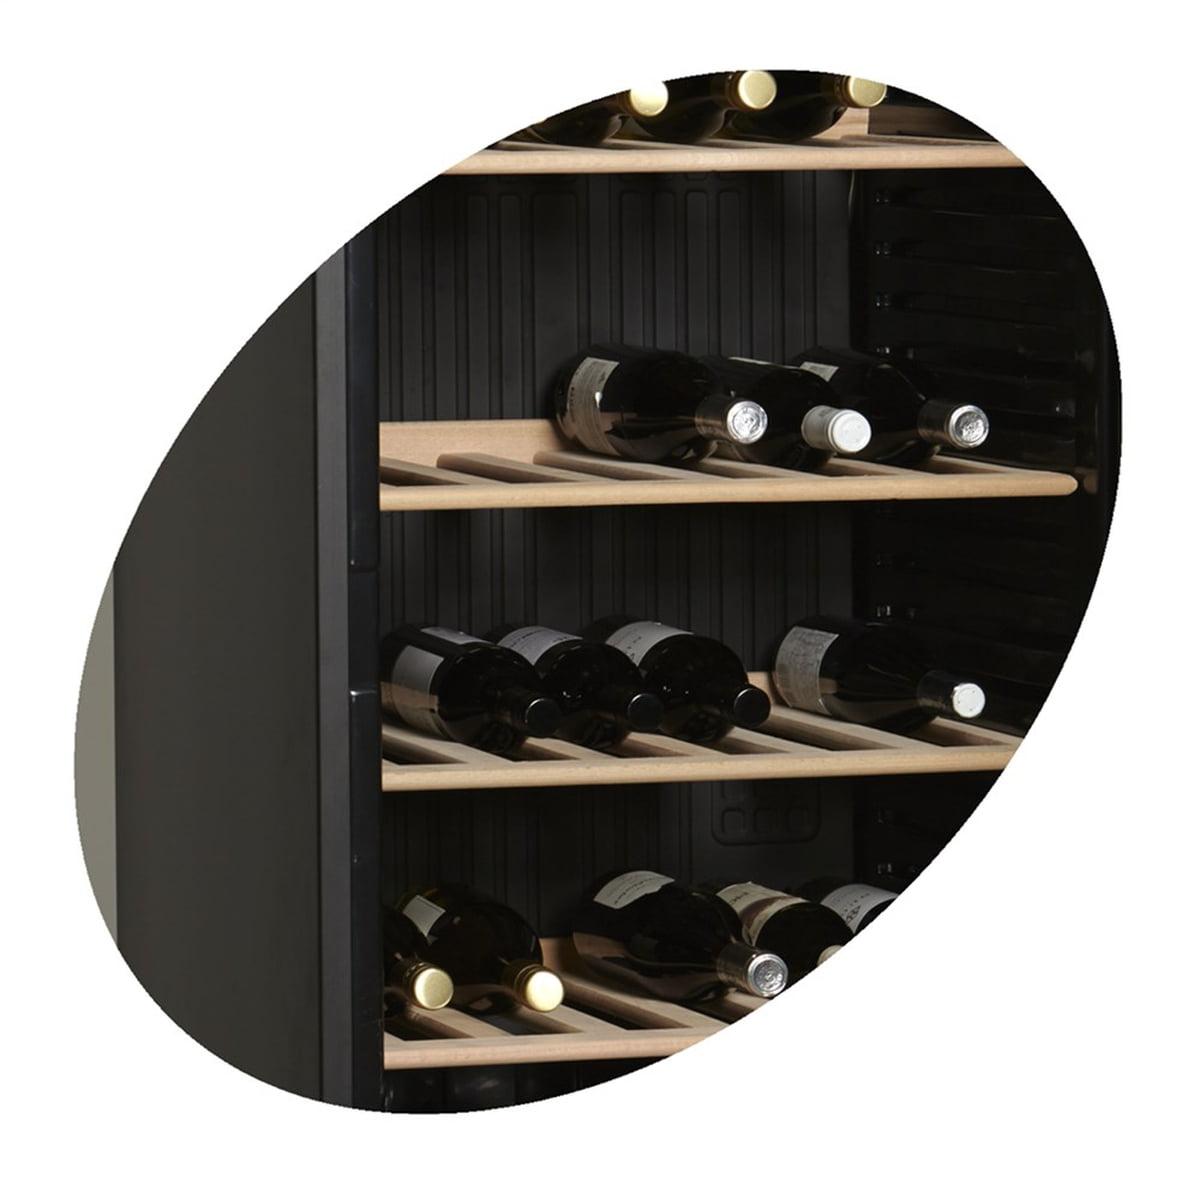 Tefcold vinskap sort 1 sone 184 cm CPV1380